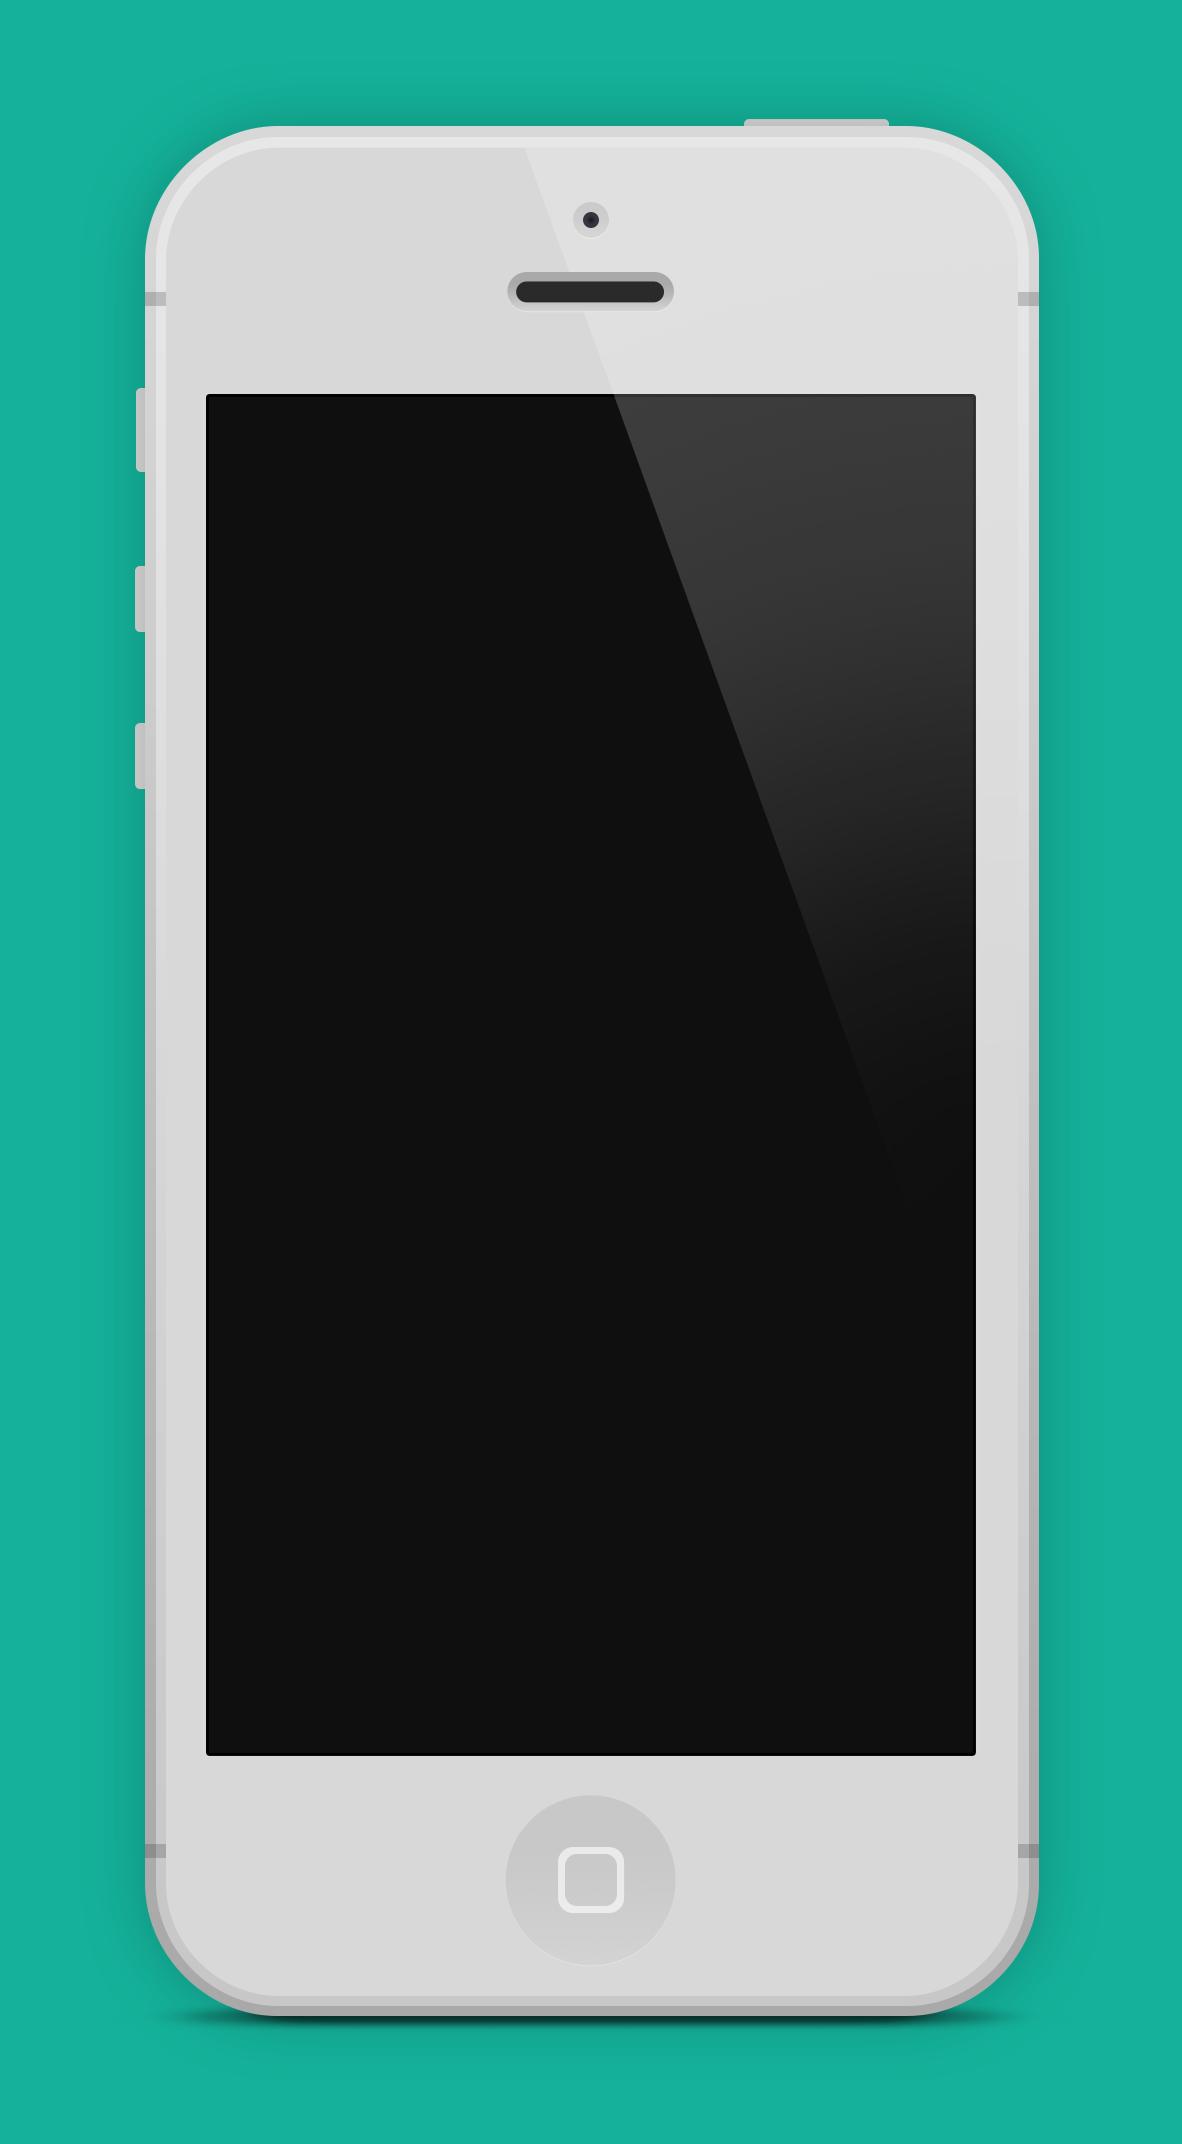 Miniphone white